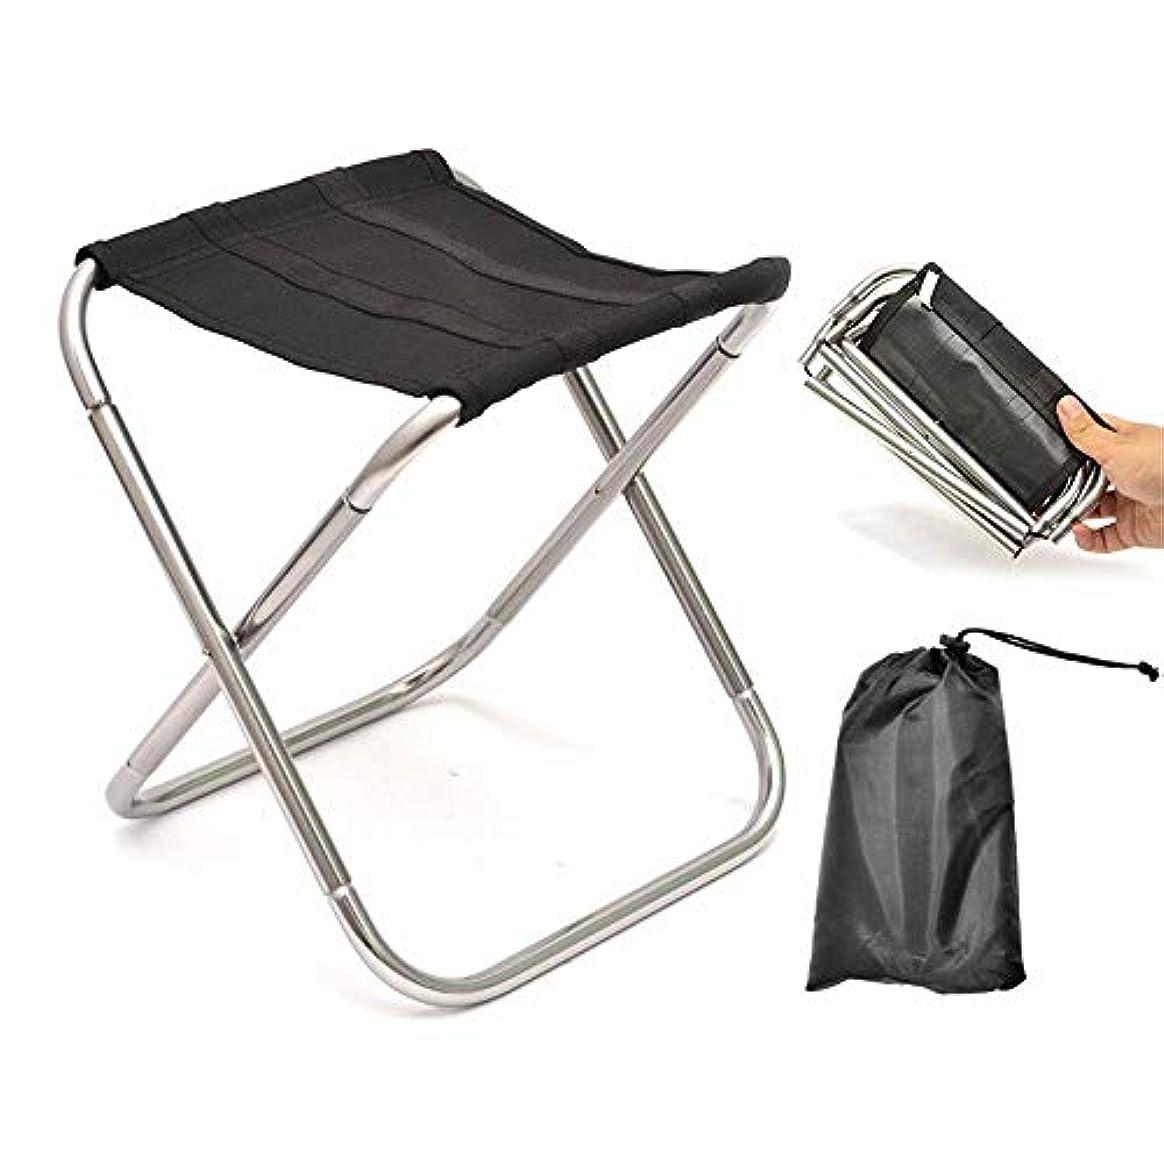 バイオリン呼びかける明らか快適な金属折りたたみ椅子ポータブル折りたたみスツール、超軽量コンパクトキャンプフットレストスツール、旅行に最適、屋外での休憩、屋外の庭に近い家事用